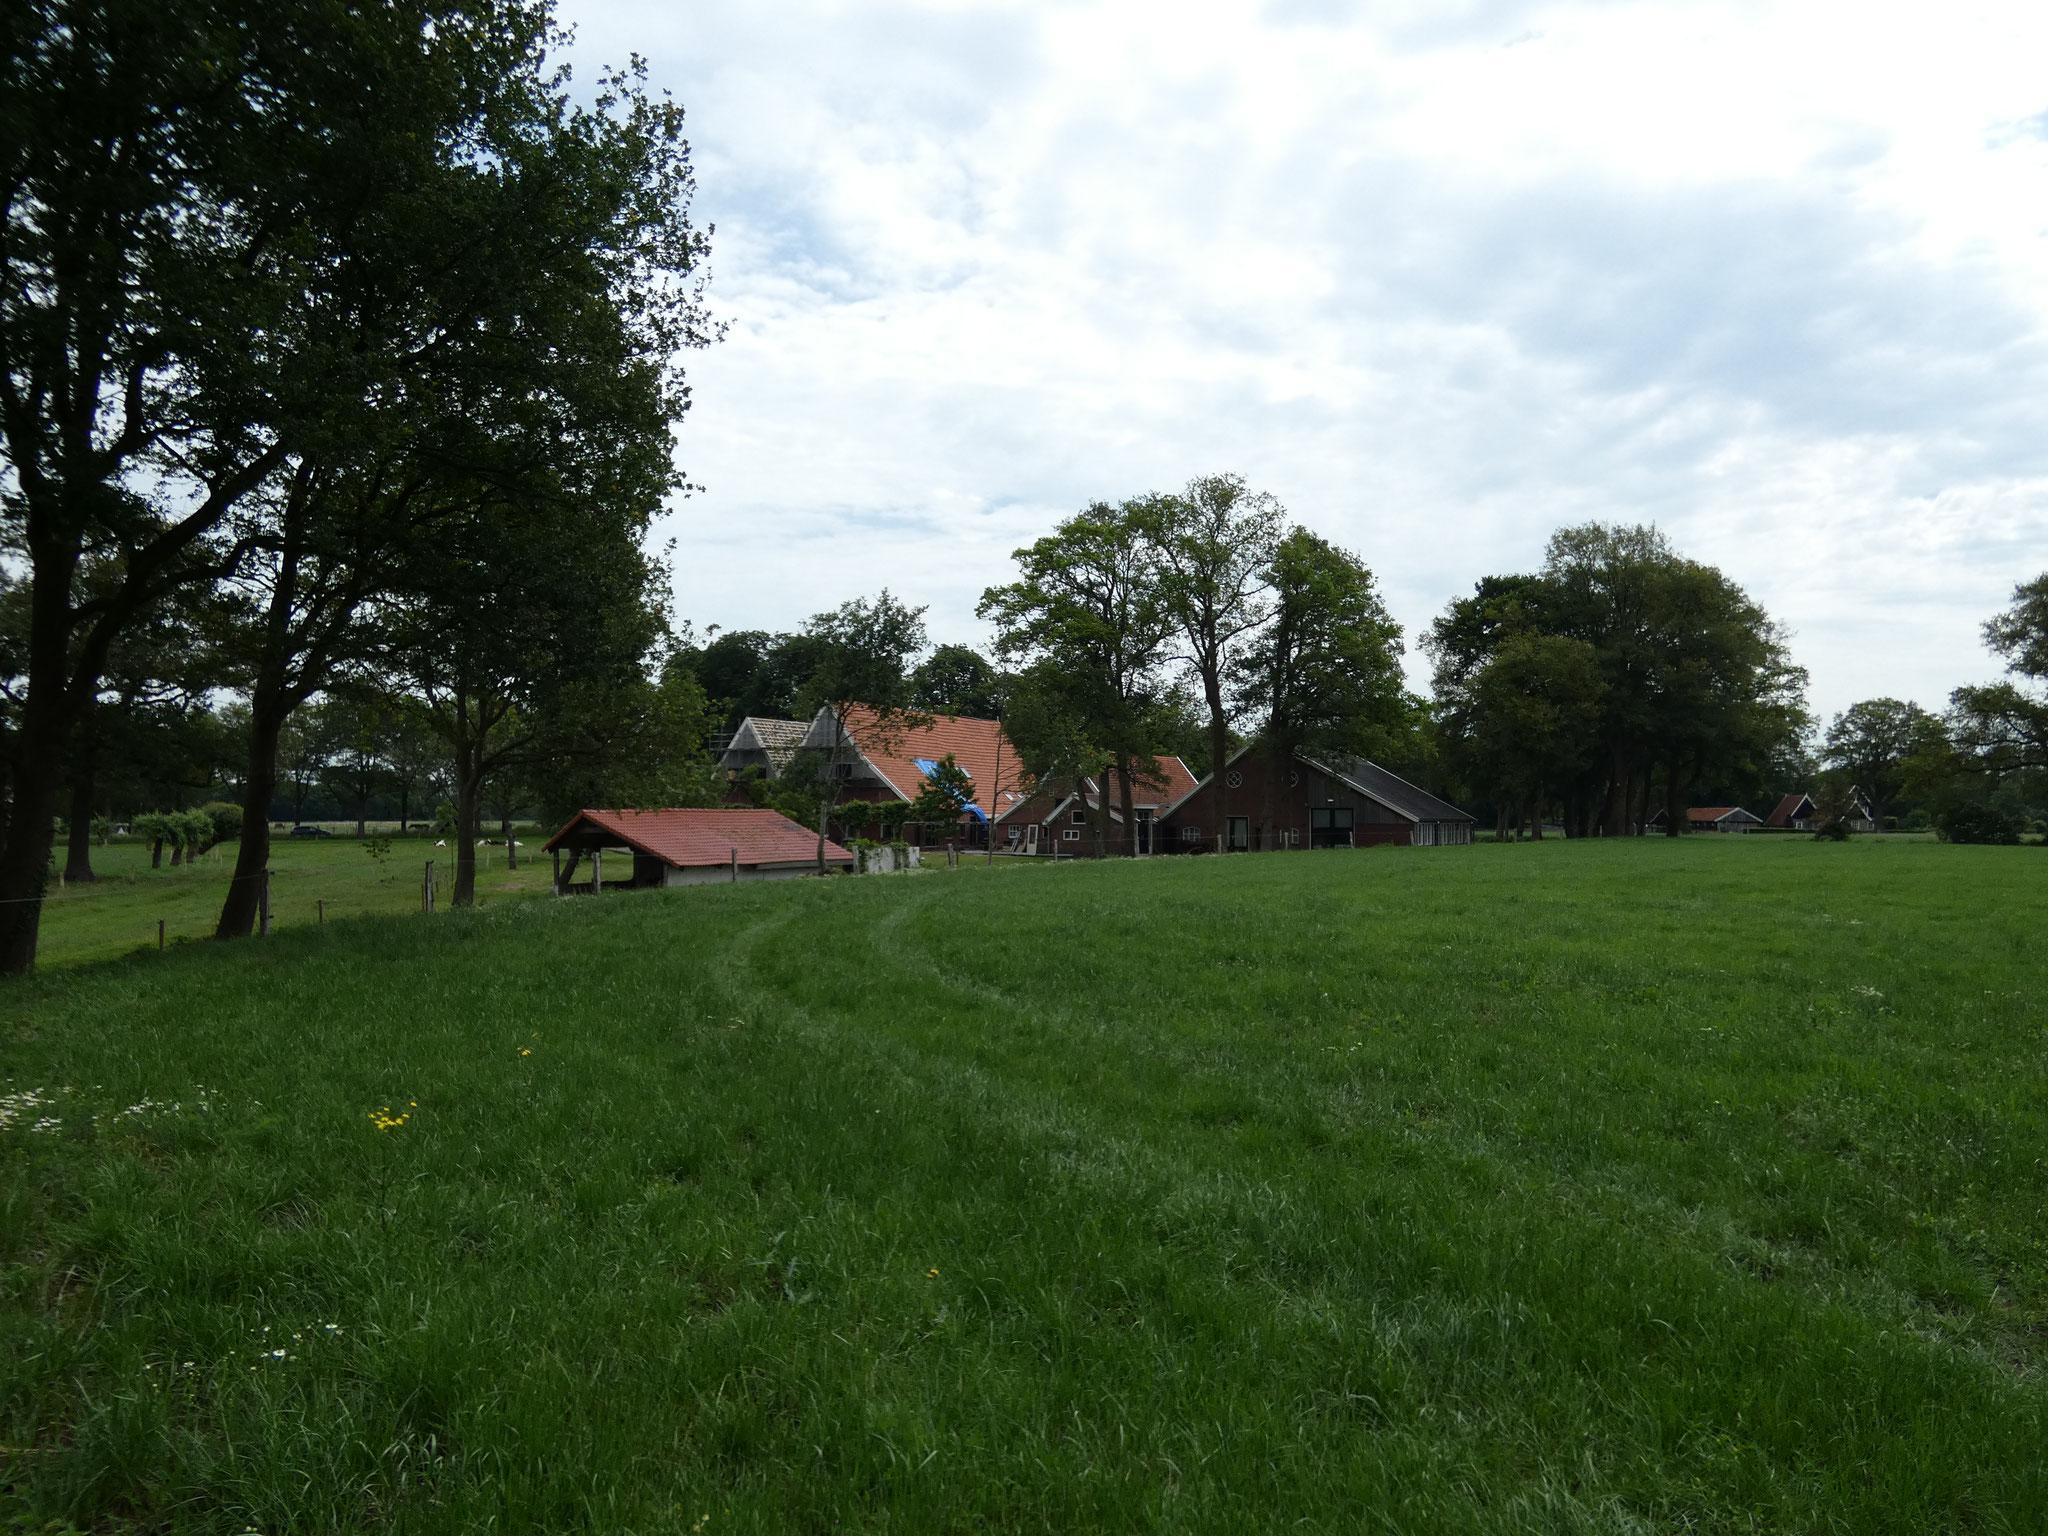 Erve Elkeman, gezien over de kamp op nieuw landgoed Hof van Twekkelo